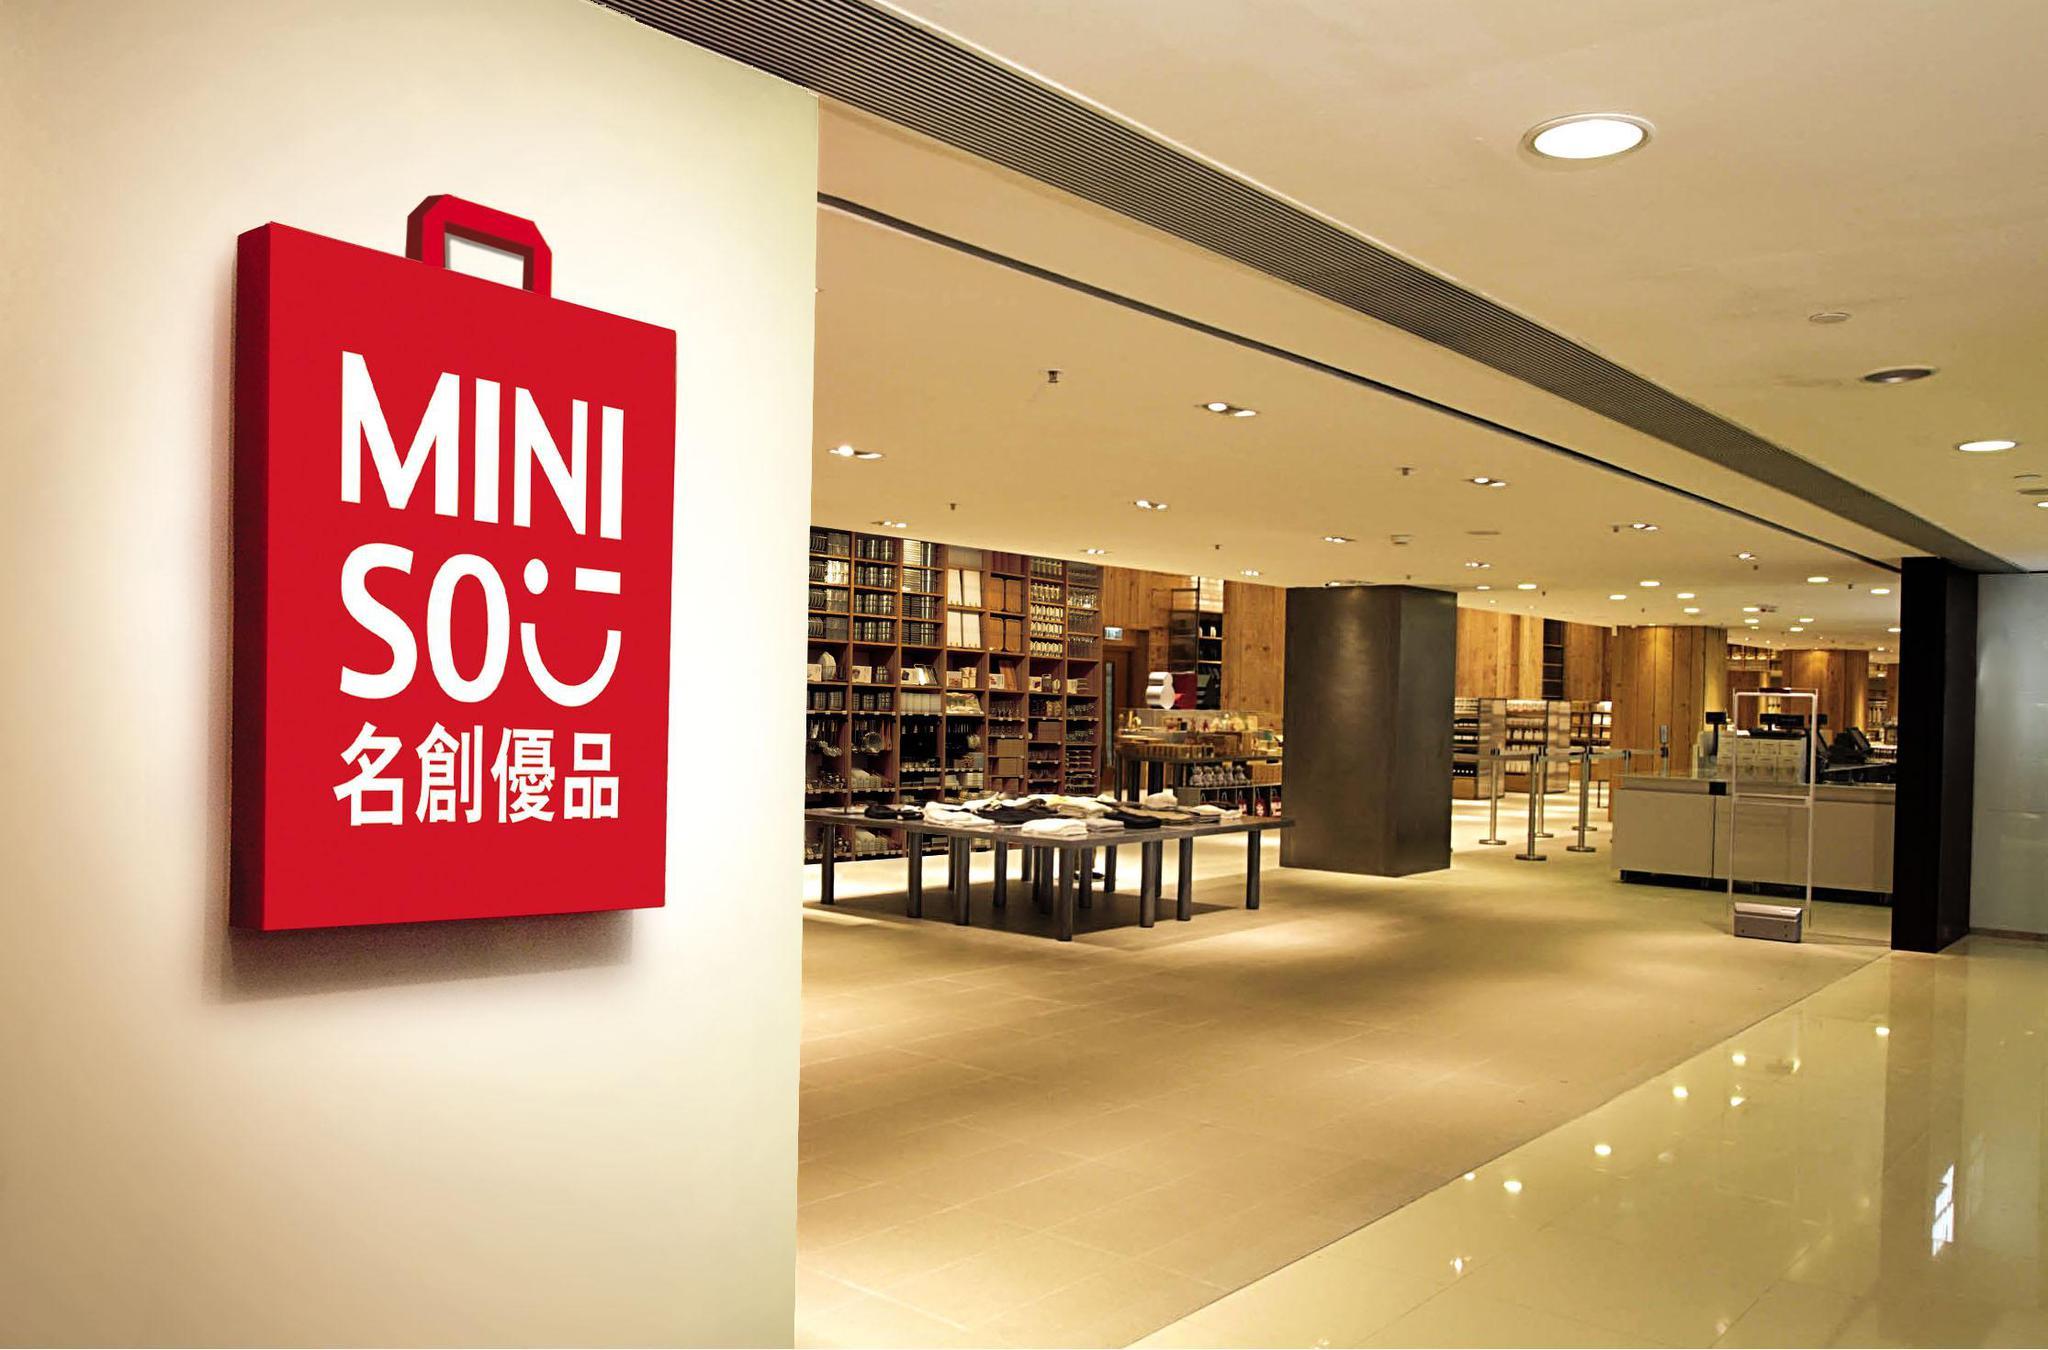 名创优品股份有限公司在广州新成立贸易公司 注册资本3.4亿元